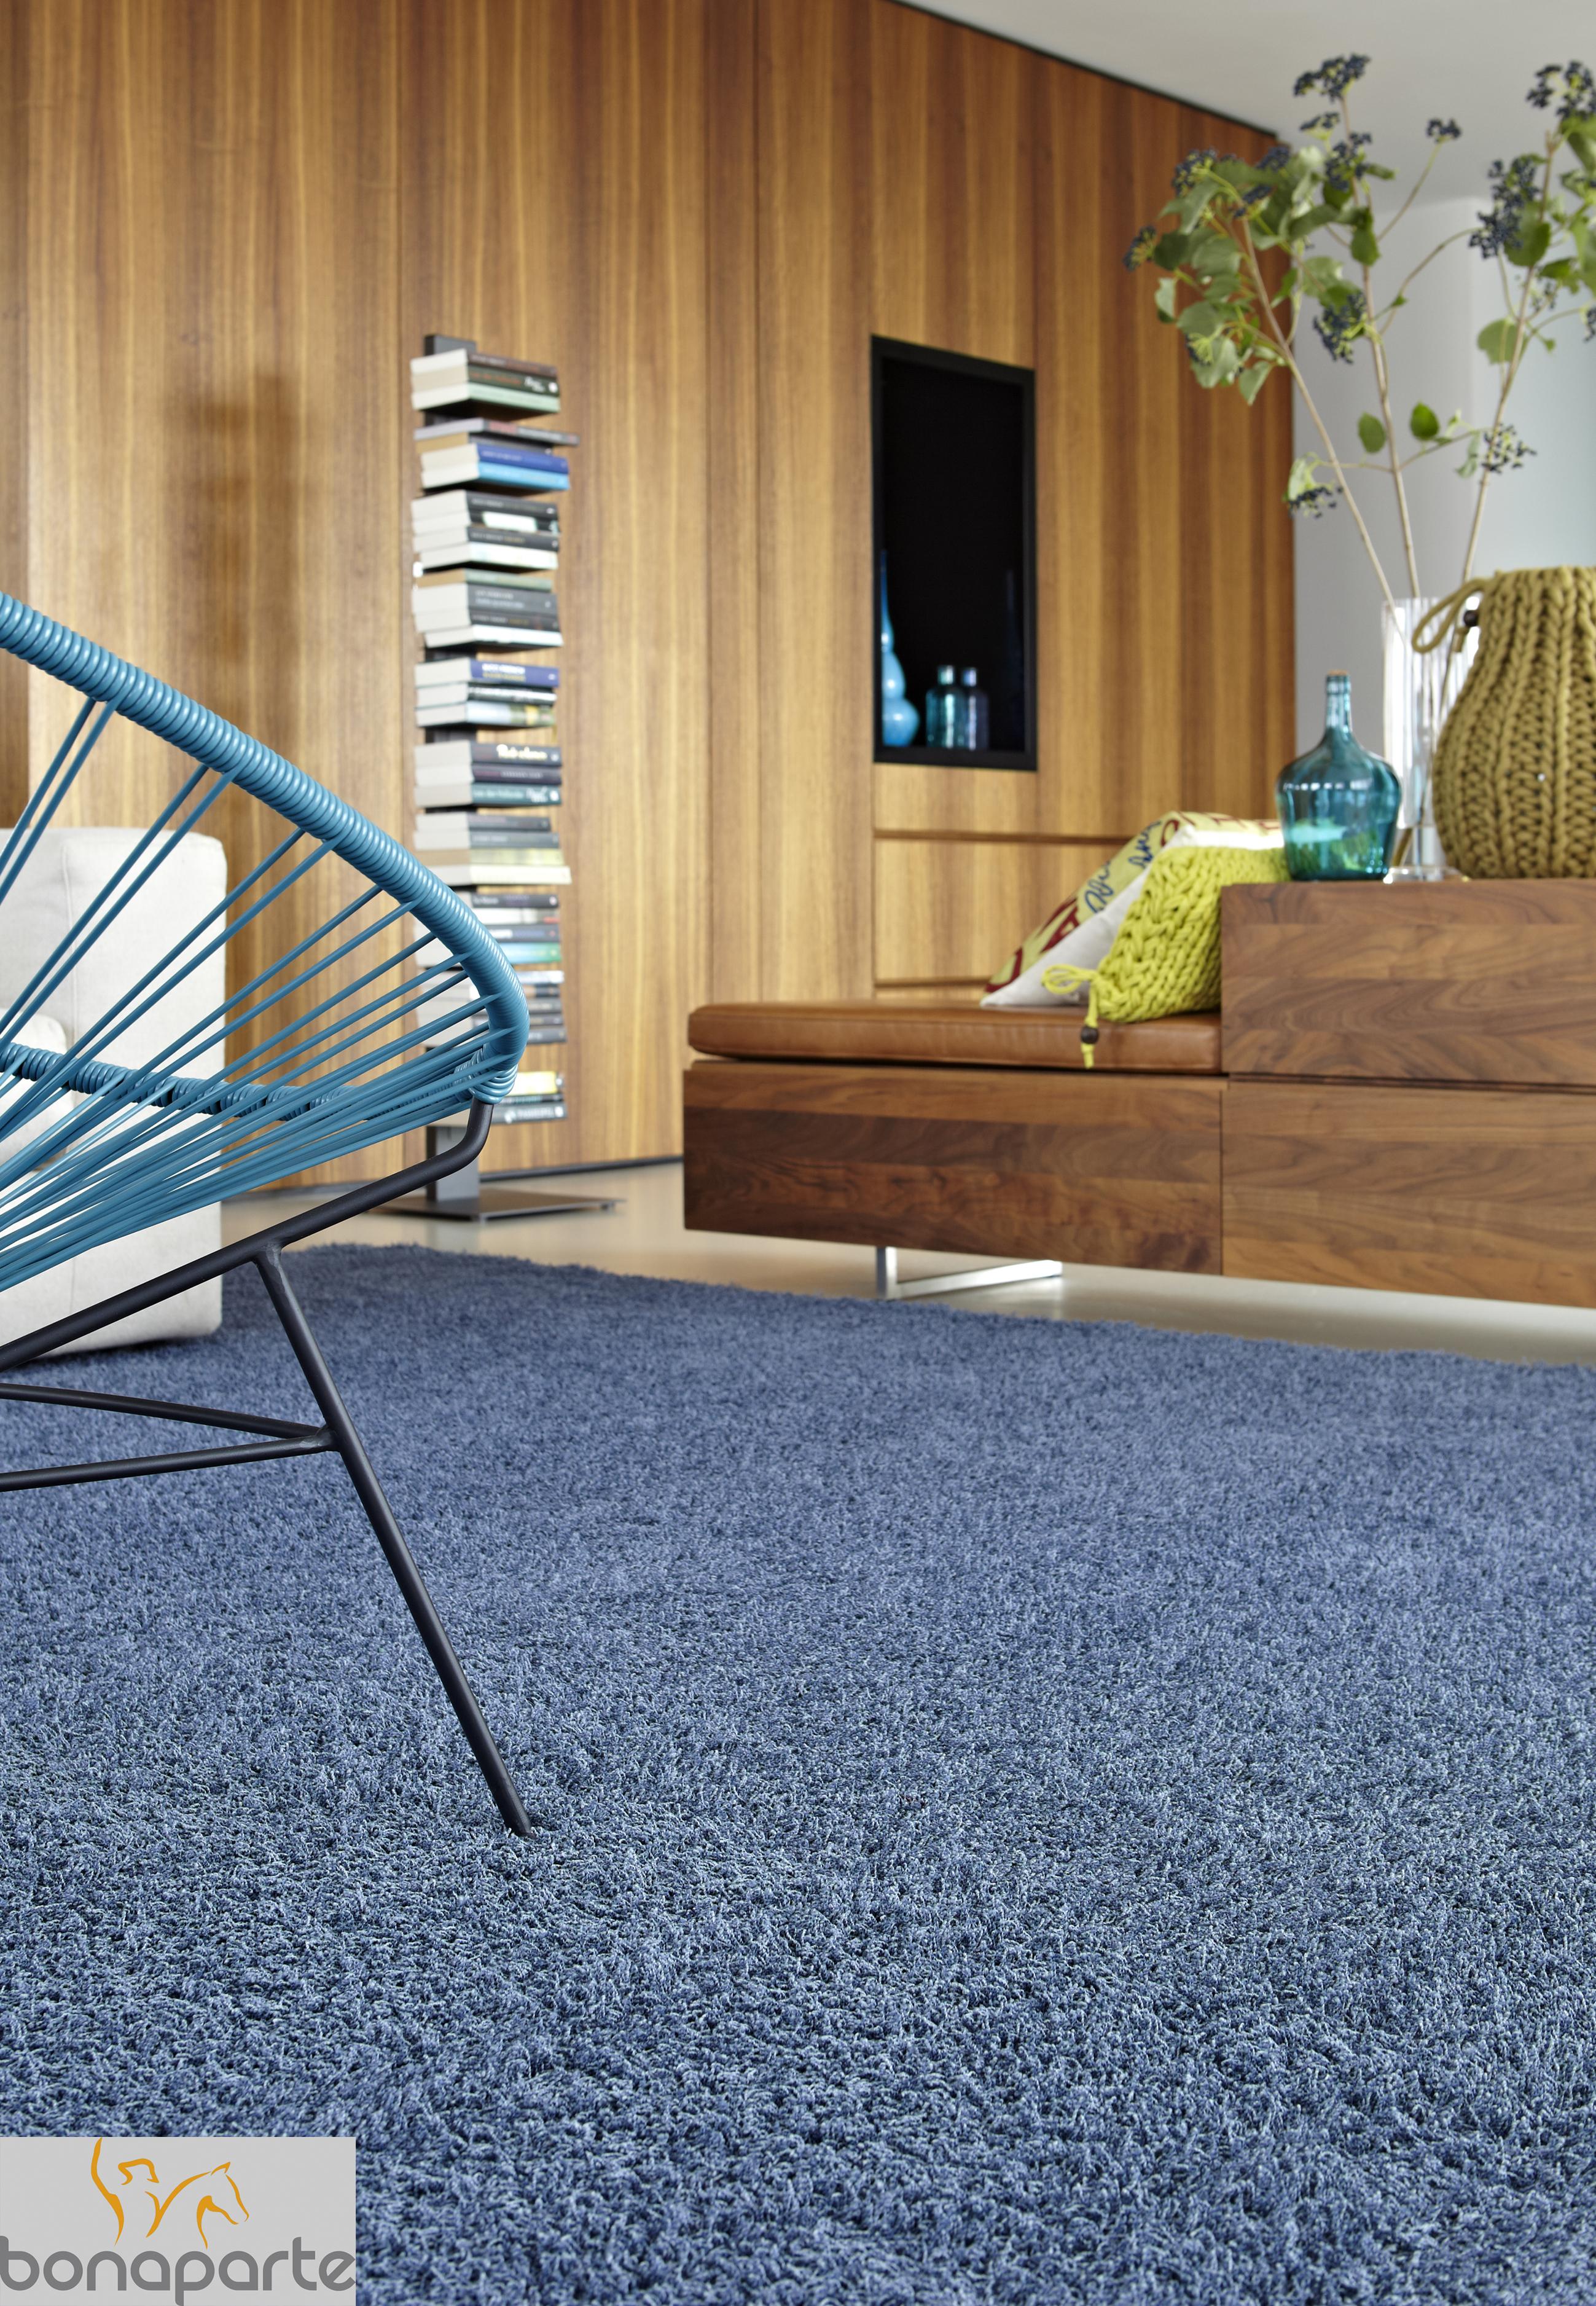 Voor tapijt komt u naar j j woninginrichting te groningen - Tapijt badkamer hout ...